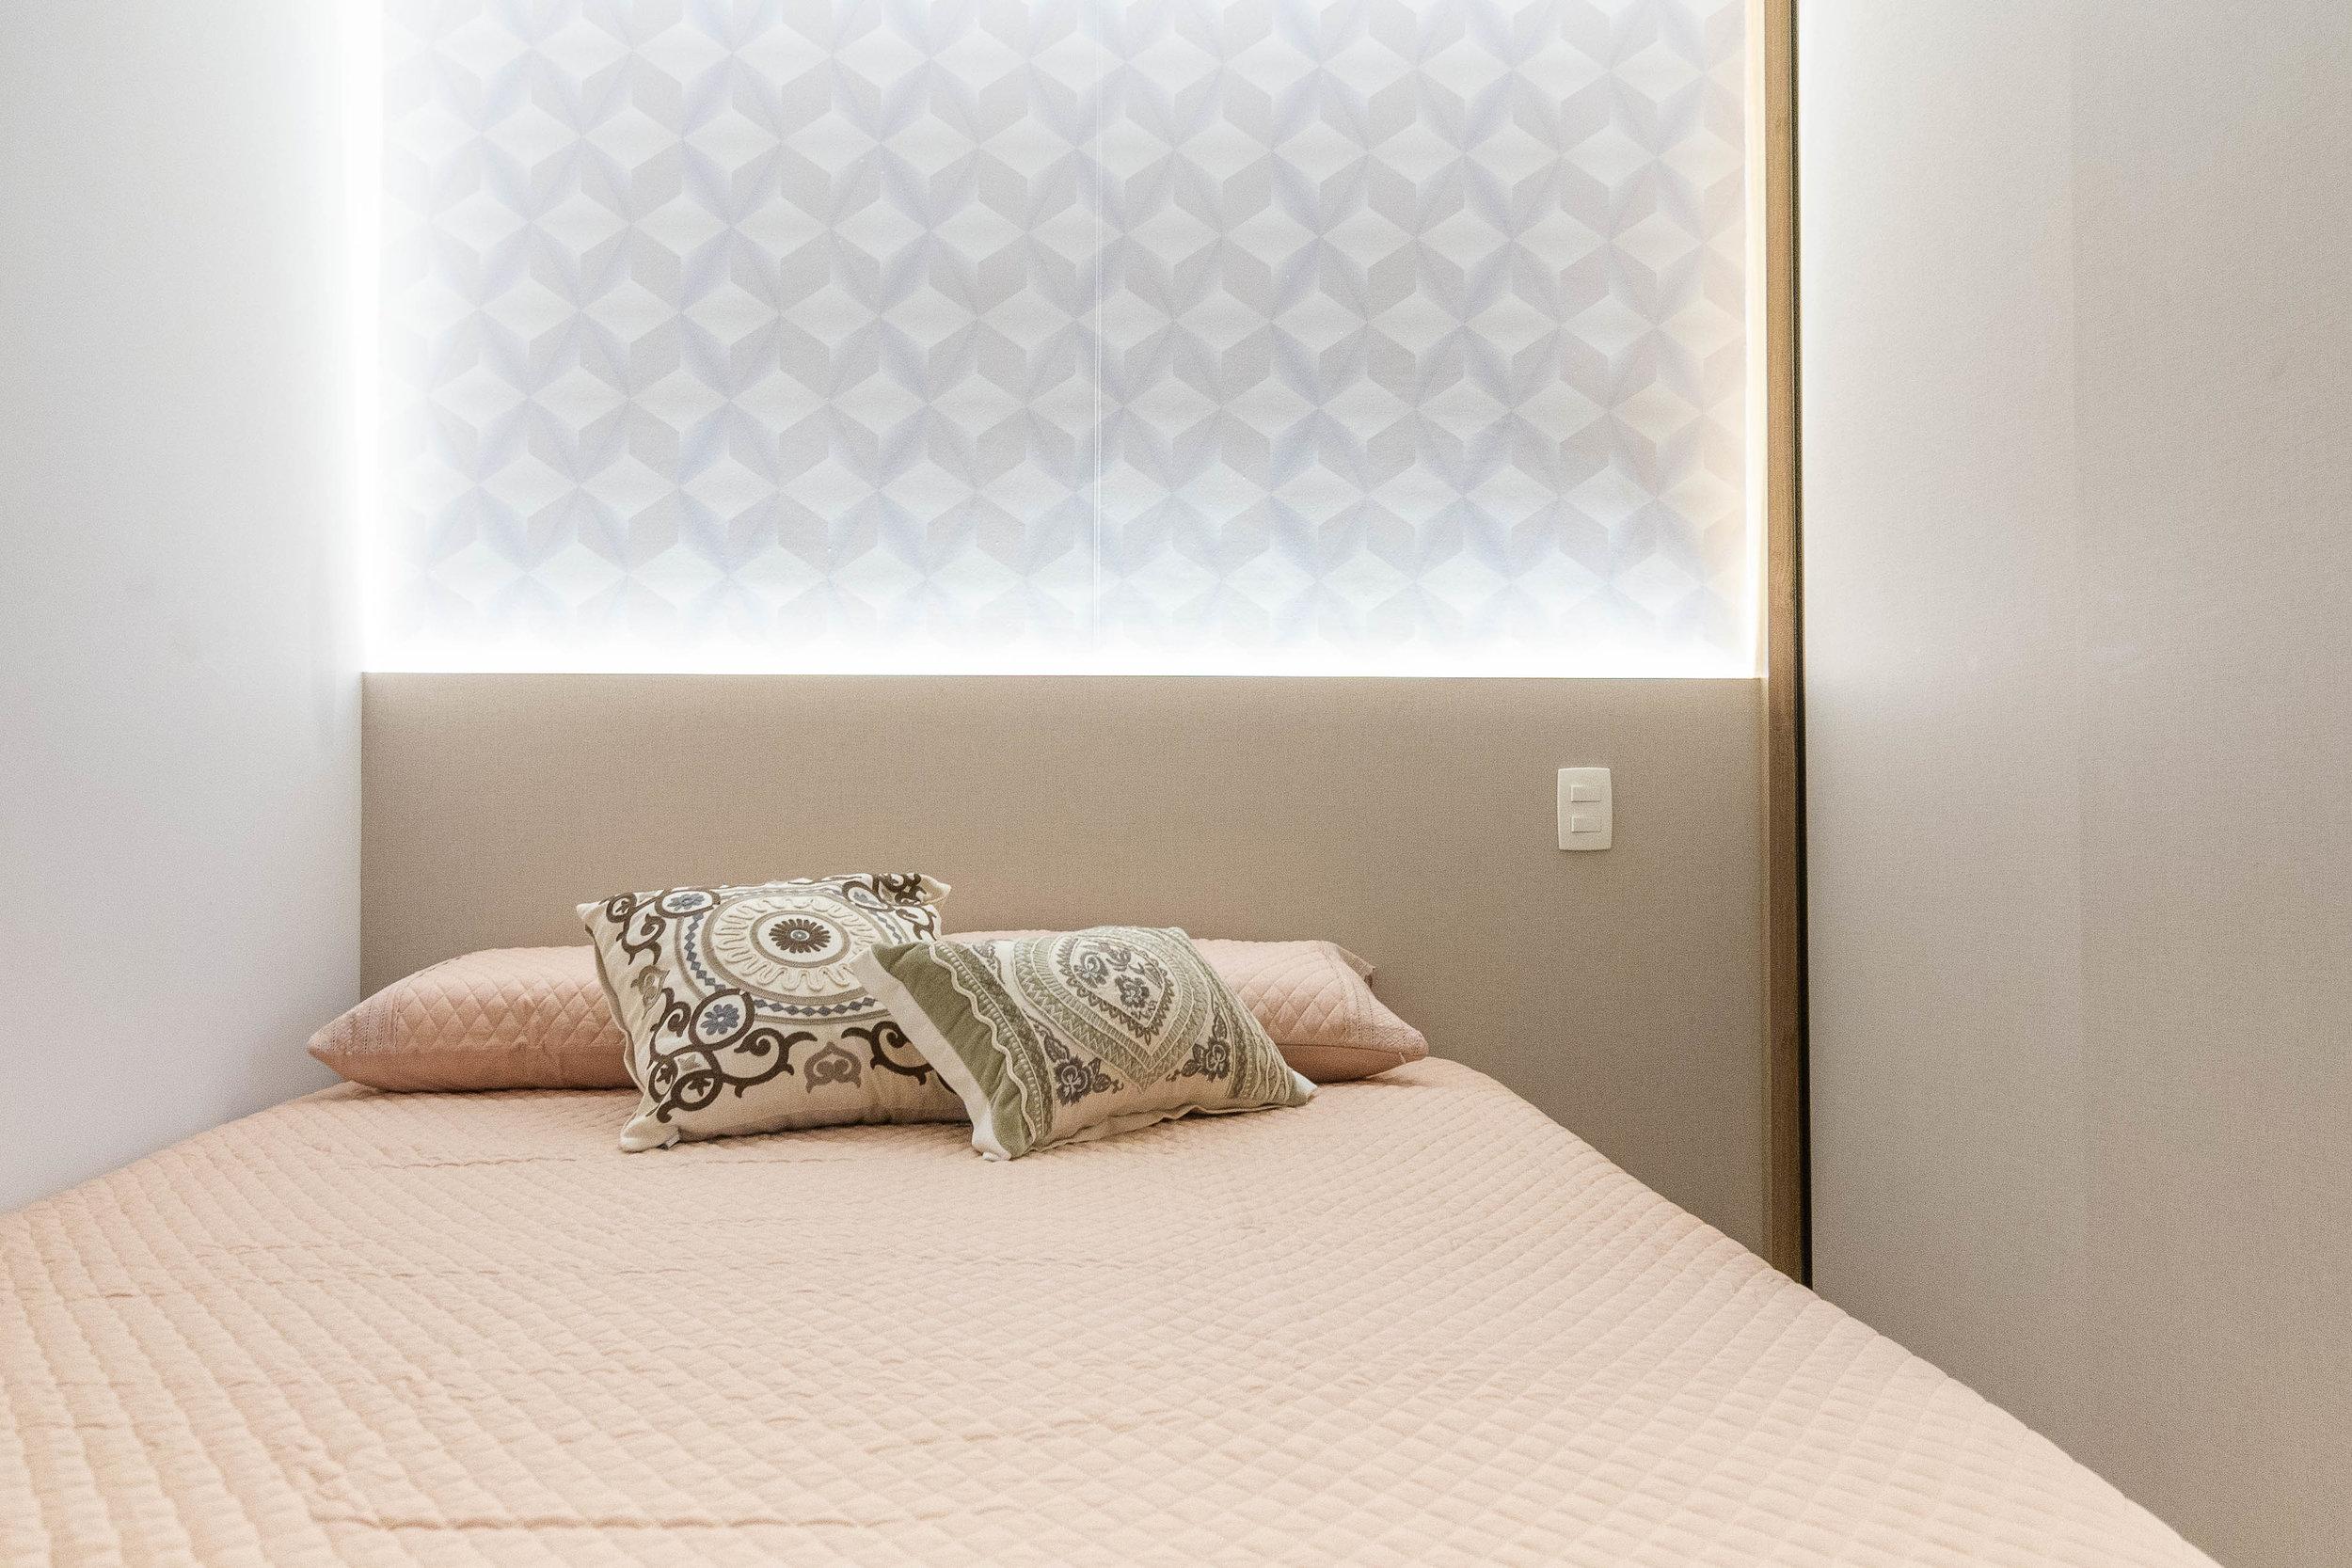 projeto-arquitetonico-luciananilton-duo-arquitetura-apartamentos-praia-025.jpg